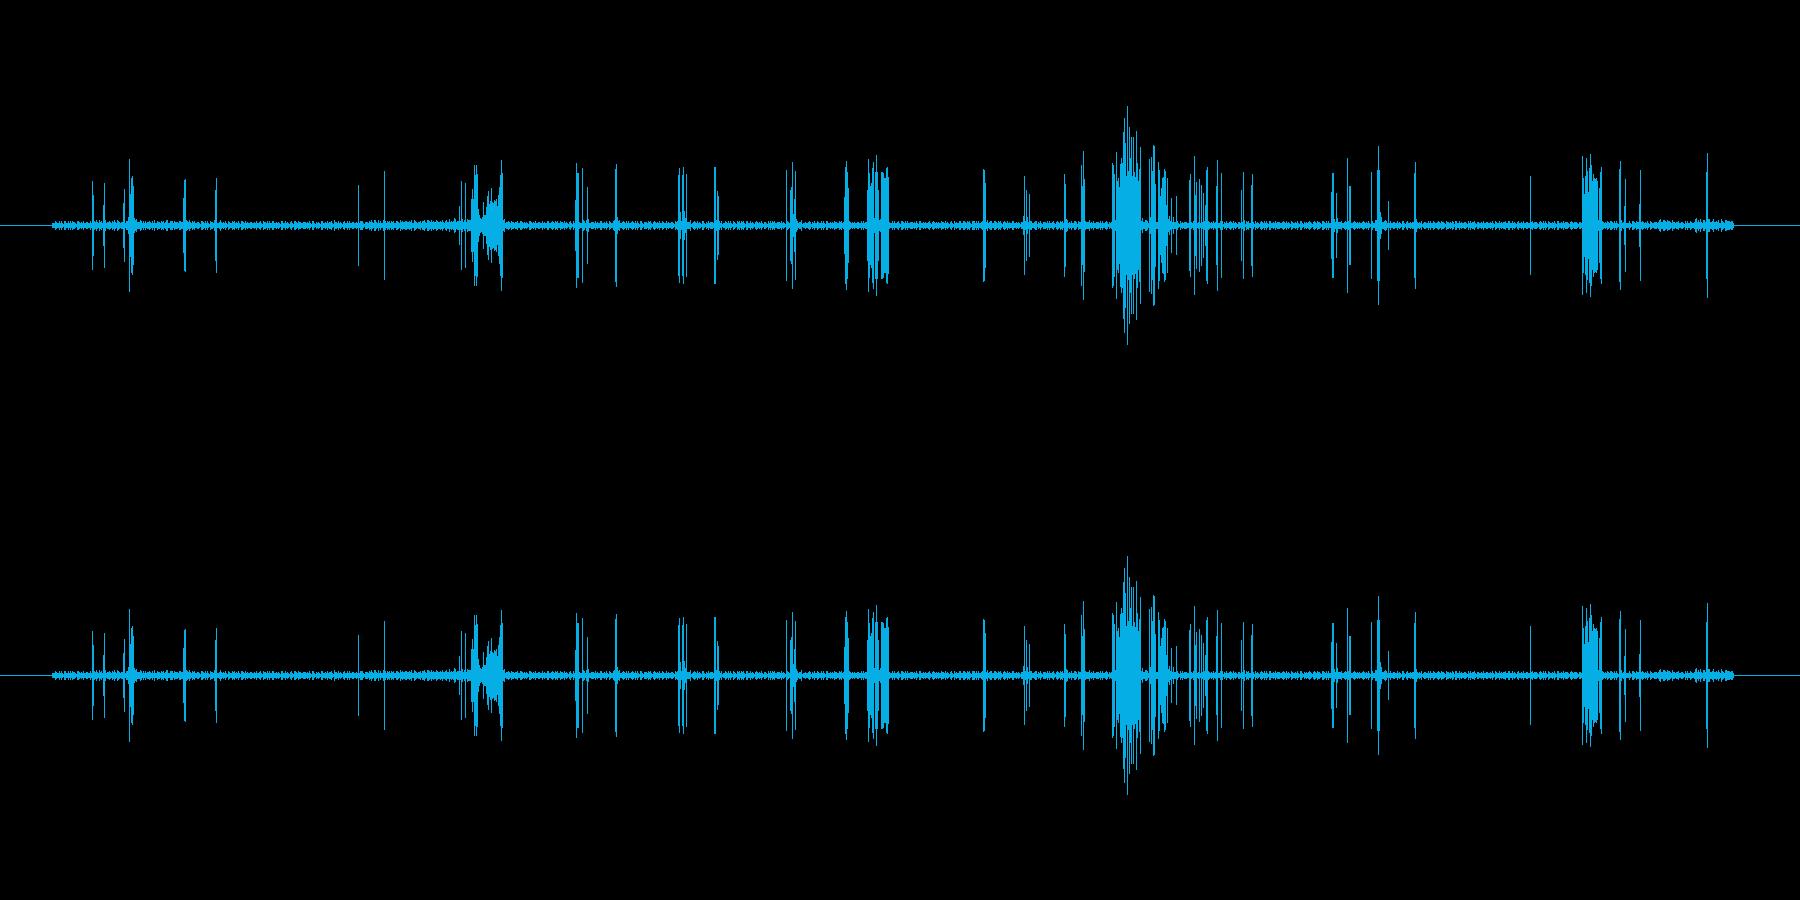 不安定なノイズ(ばちばち)の再生済みの波形